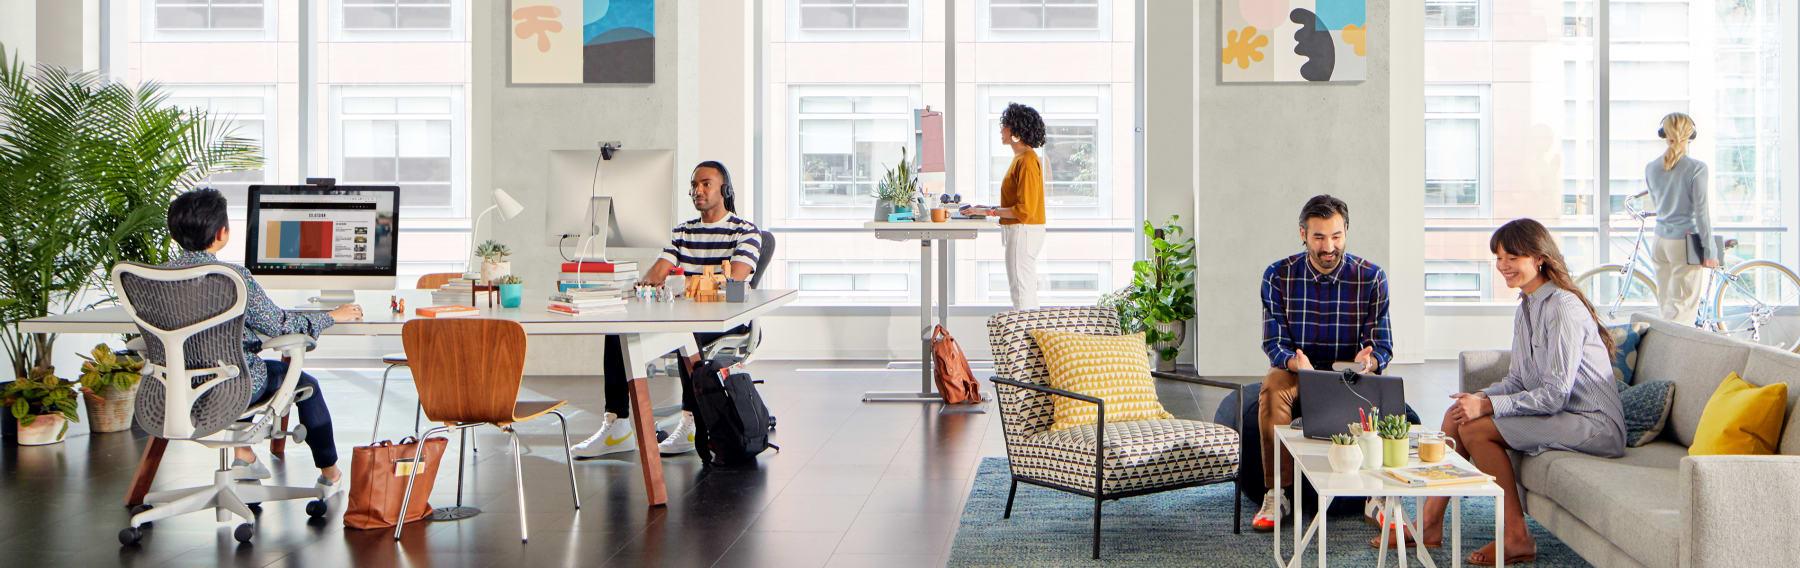 Personer som jobbar i öppna kontorslandskap